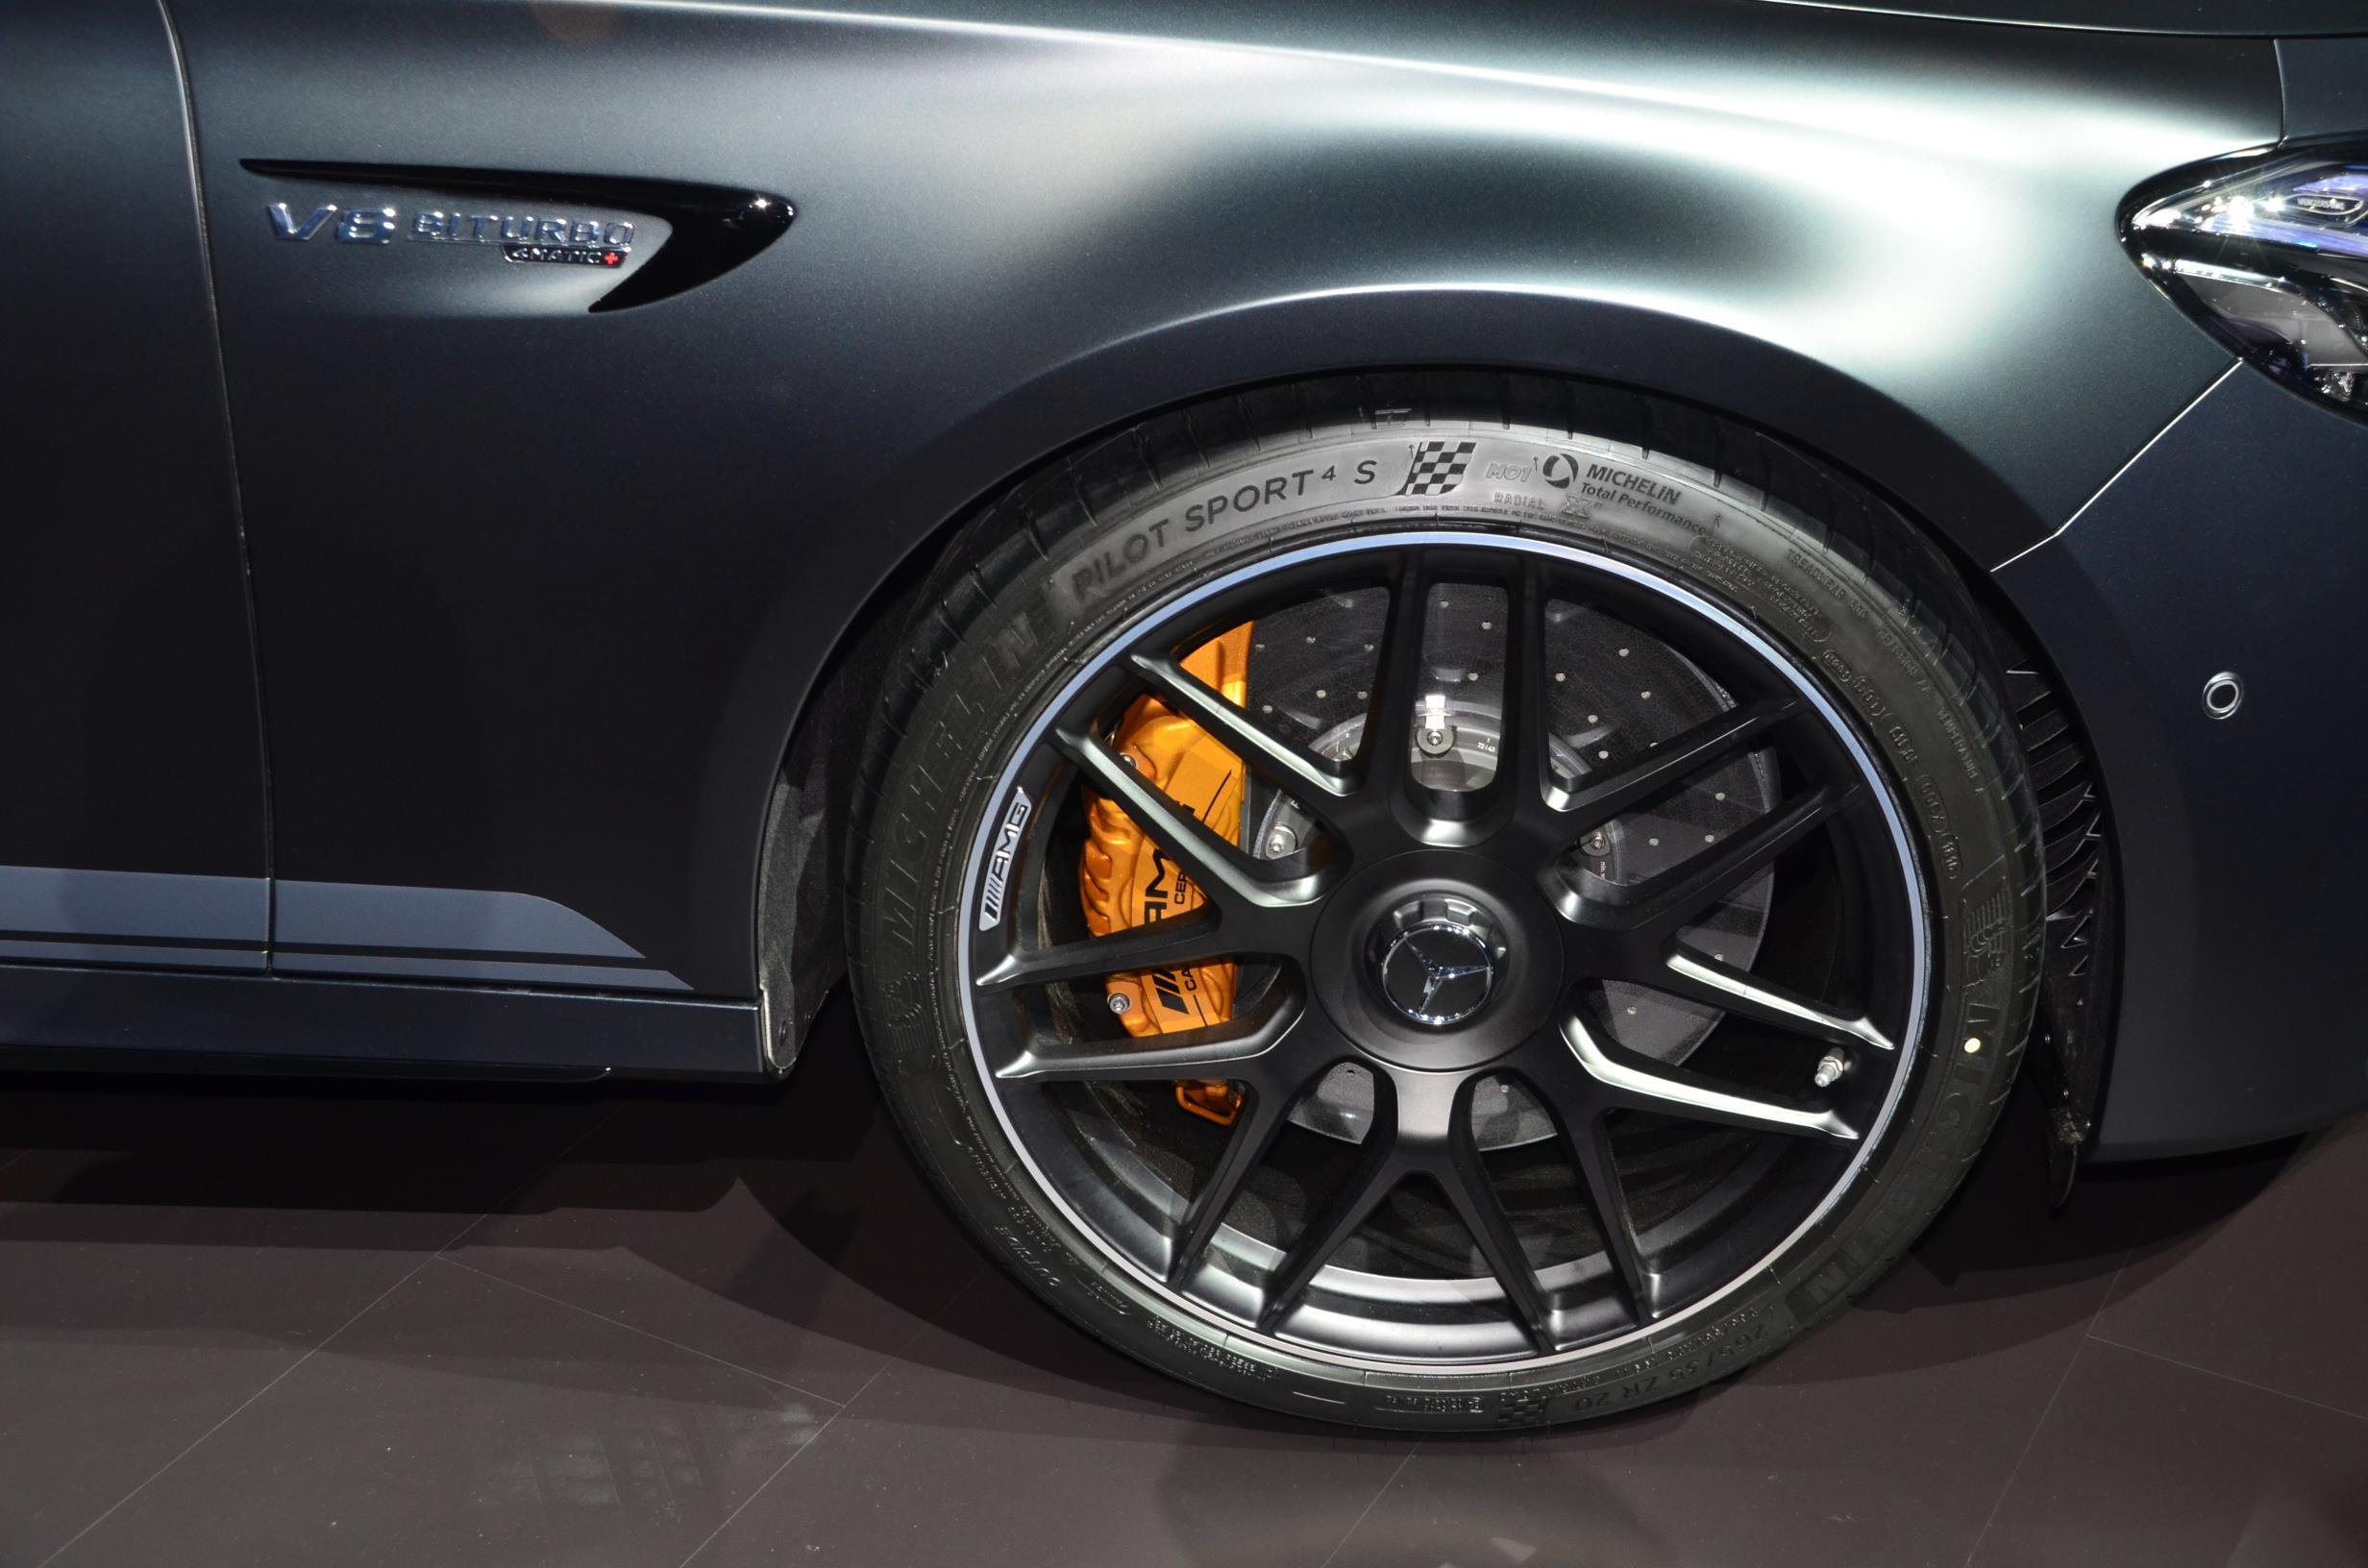 Mercedes Amg E63 S Edition 1 Is Black At 2016 La Auto Show